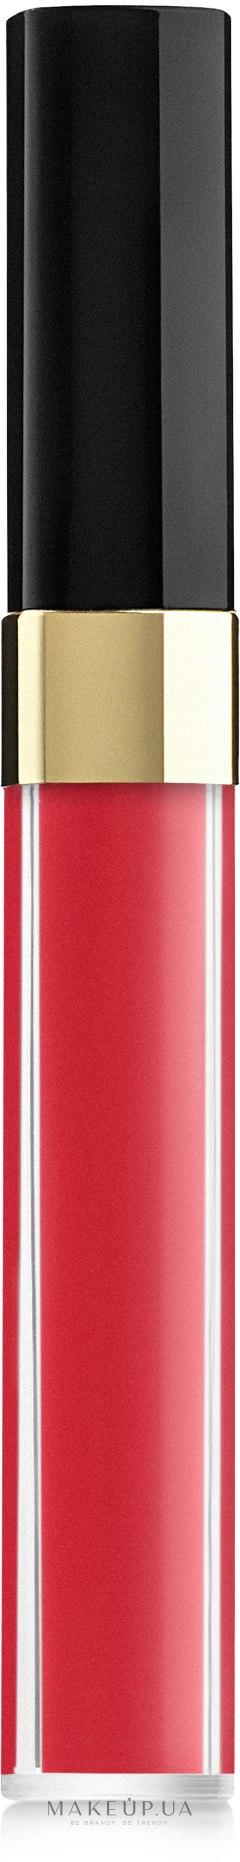 Chanel Rouge Coco Gloss - Увлажняющий ультраглянцевый блеск для губ: купить по лучшей цене ...